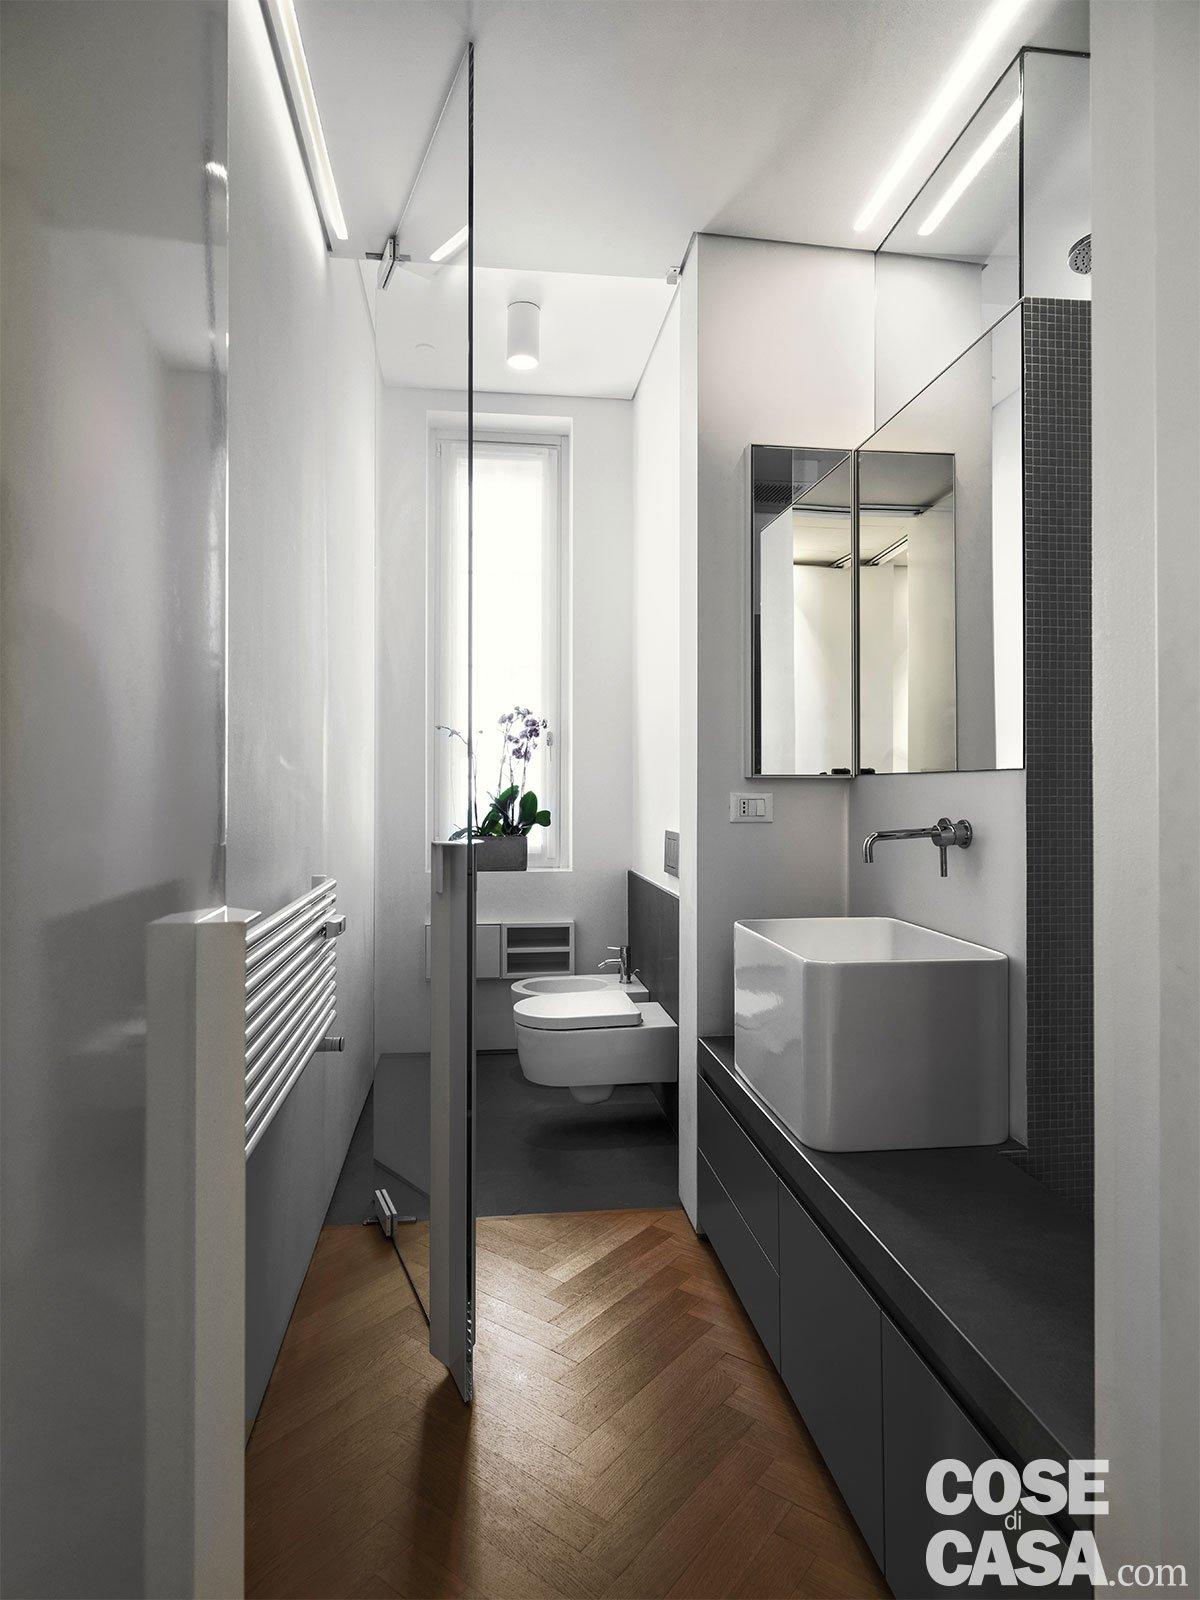 Camera Da Letto In Prospettiva Centrale 110 mq con una parete in vetro per dividere soggiorno e